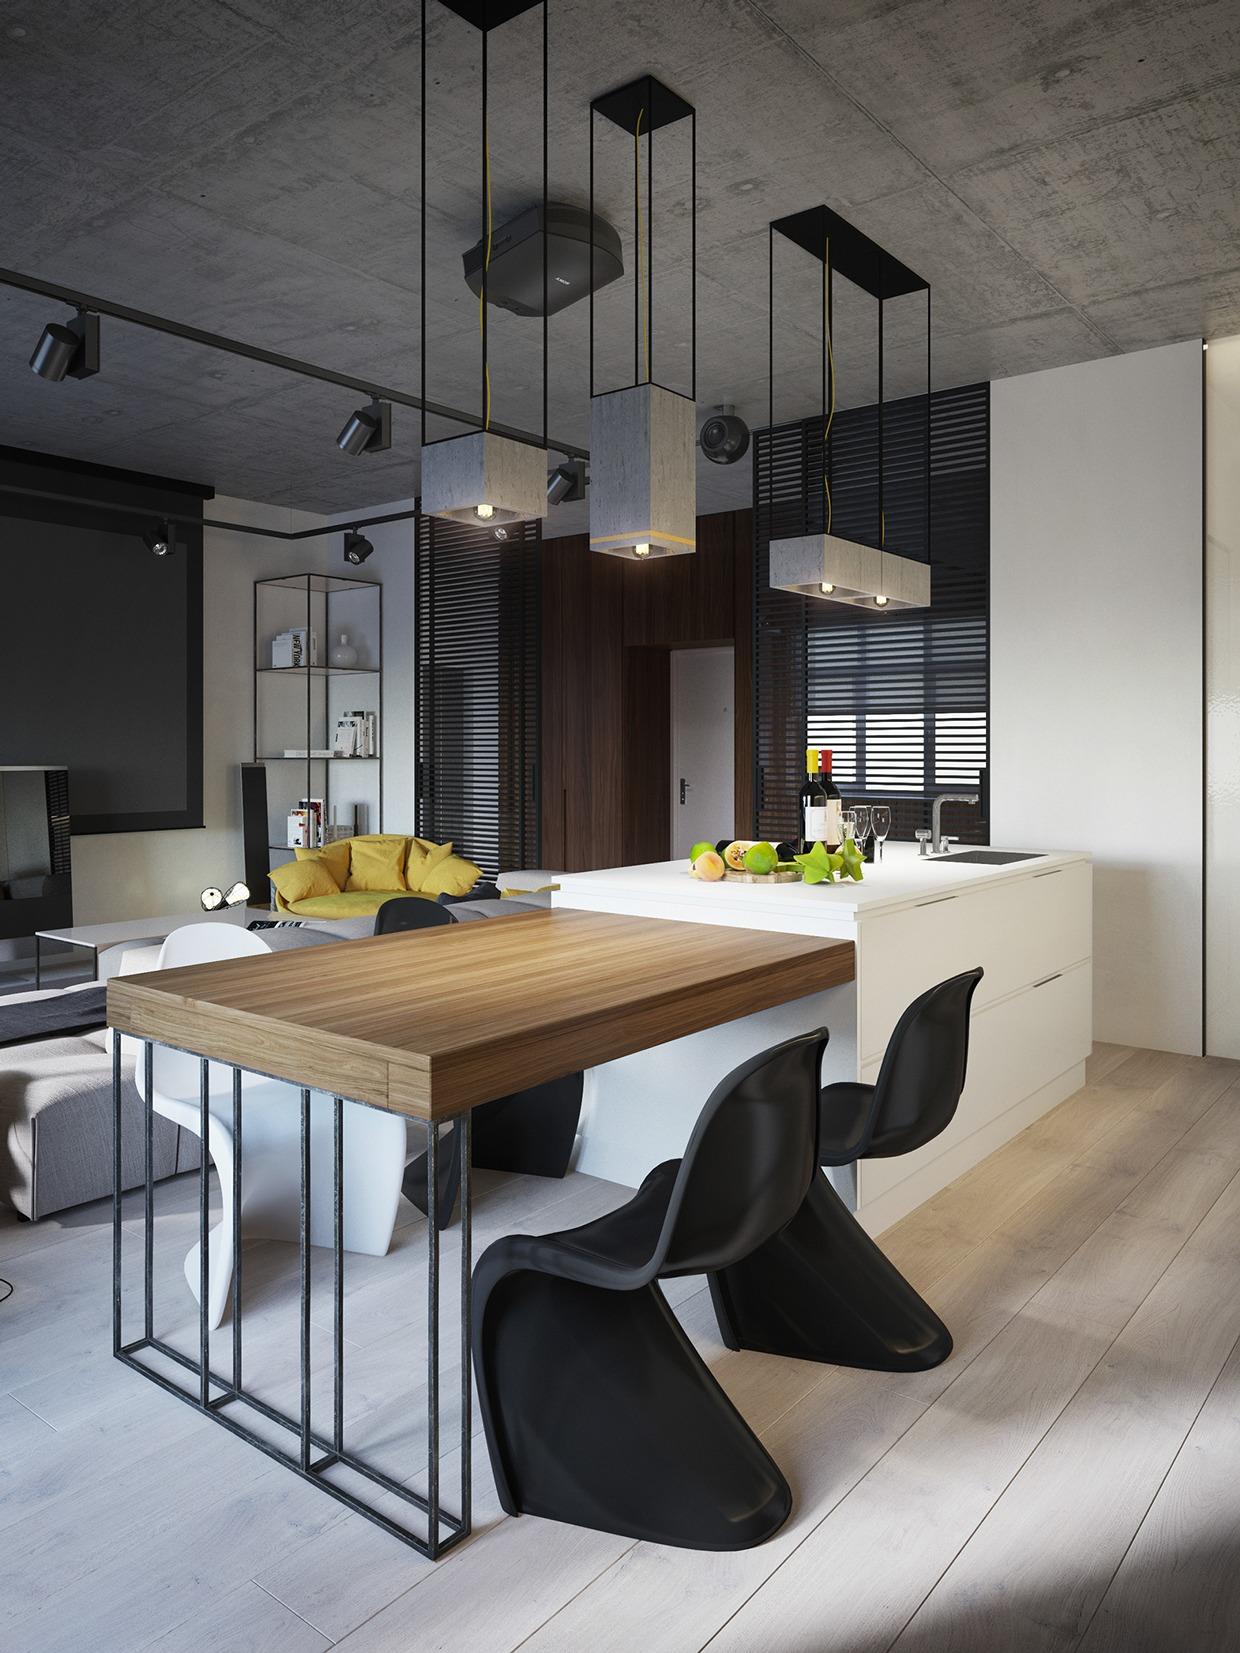 Wedo thiết kế nội thất nhà bếp đẹp với màu vàng